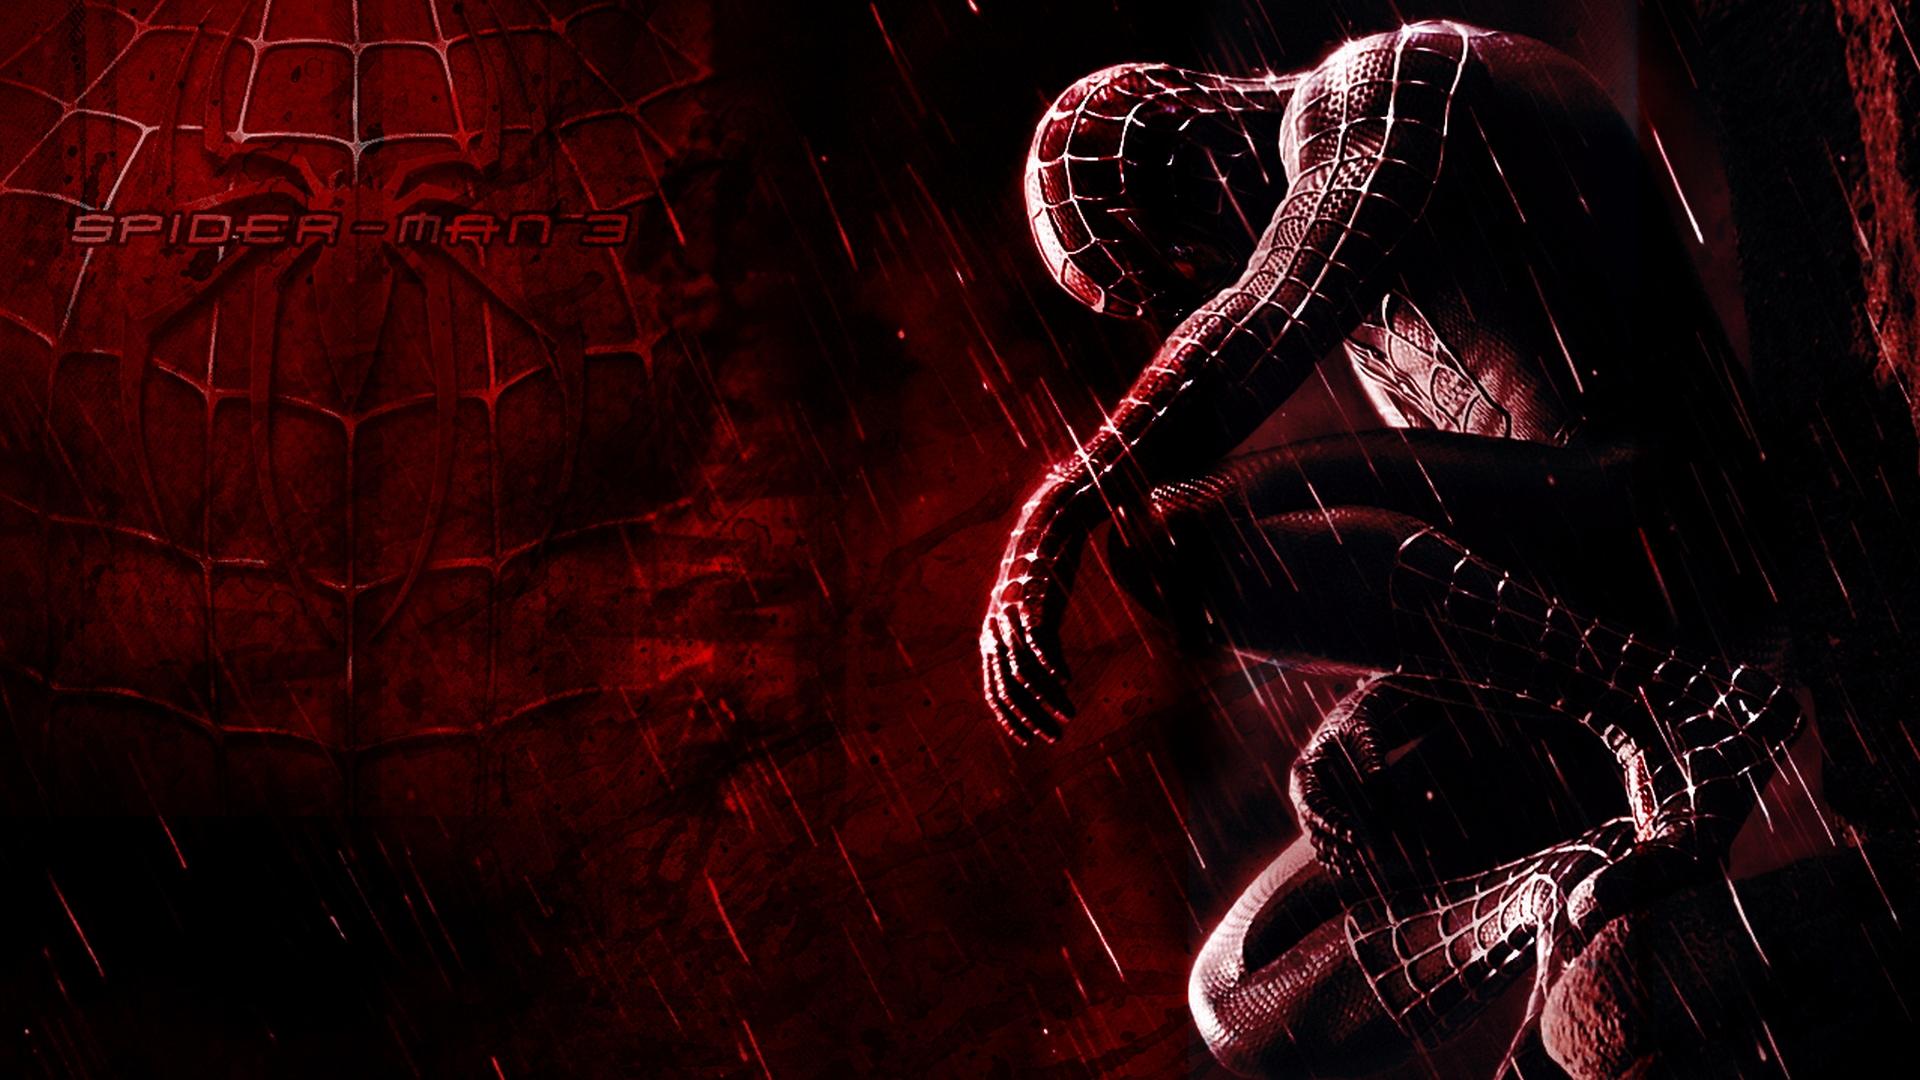 Movie Spider man Wallpaper 1920x1080 Movie Spiderman 1920x1080